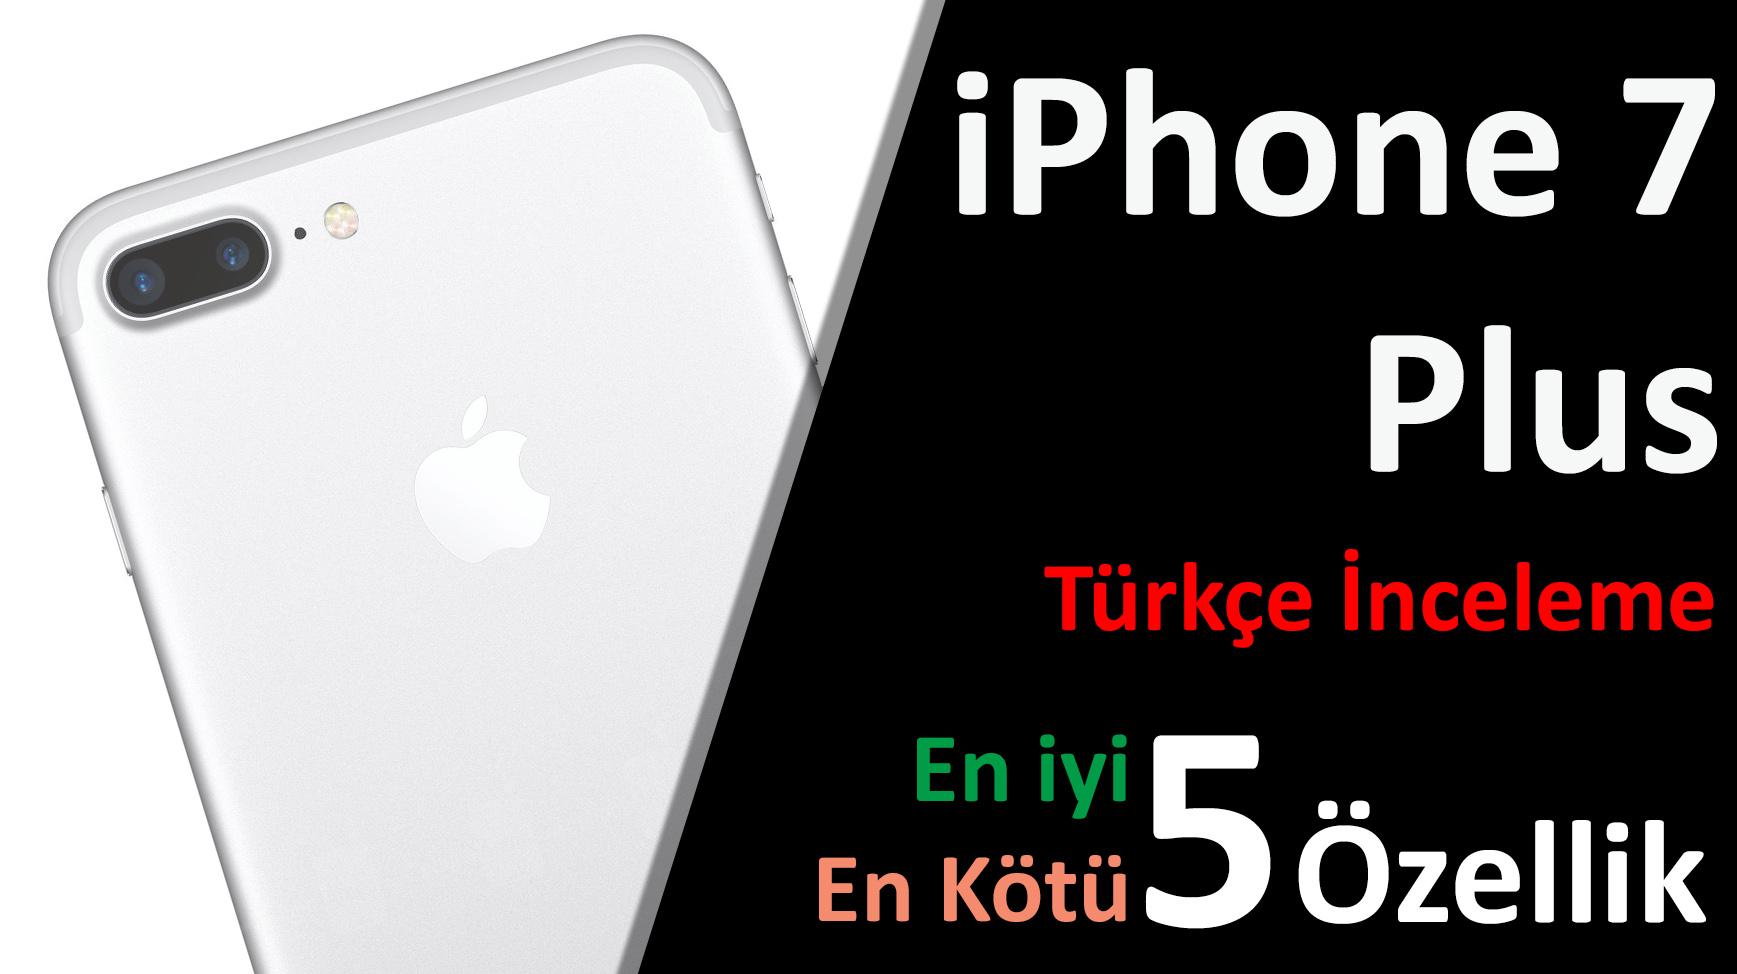 iPhone 7 Hakkında herşey!